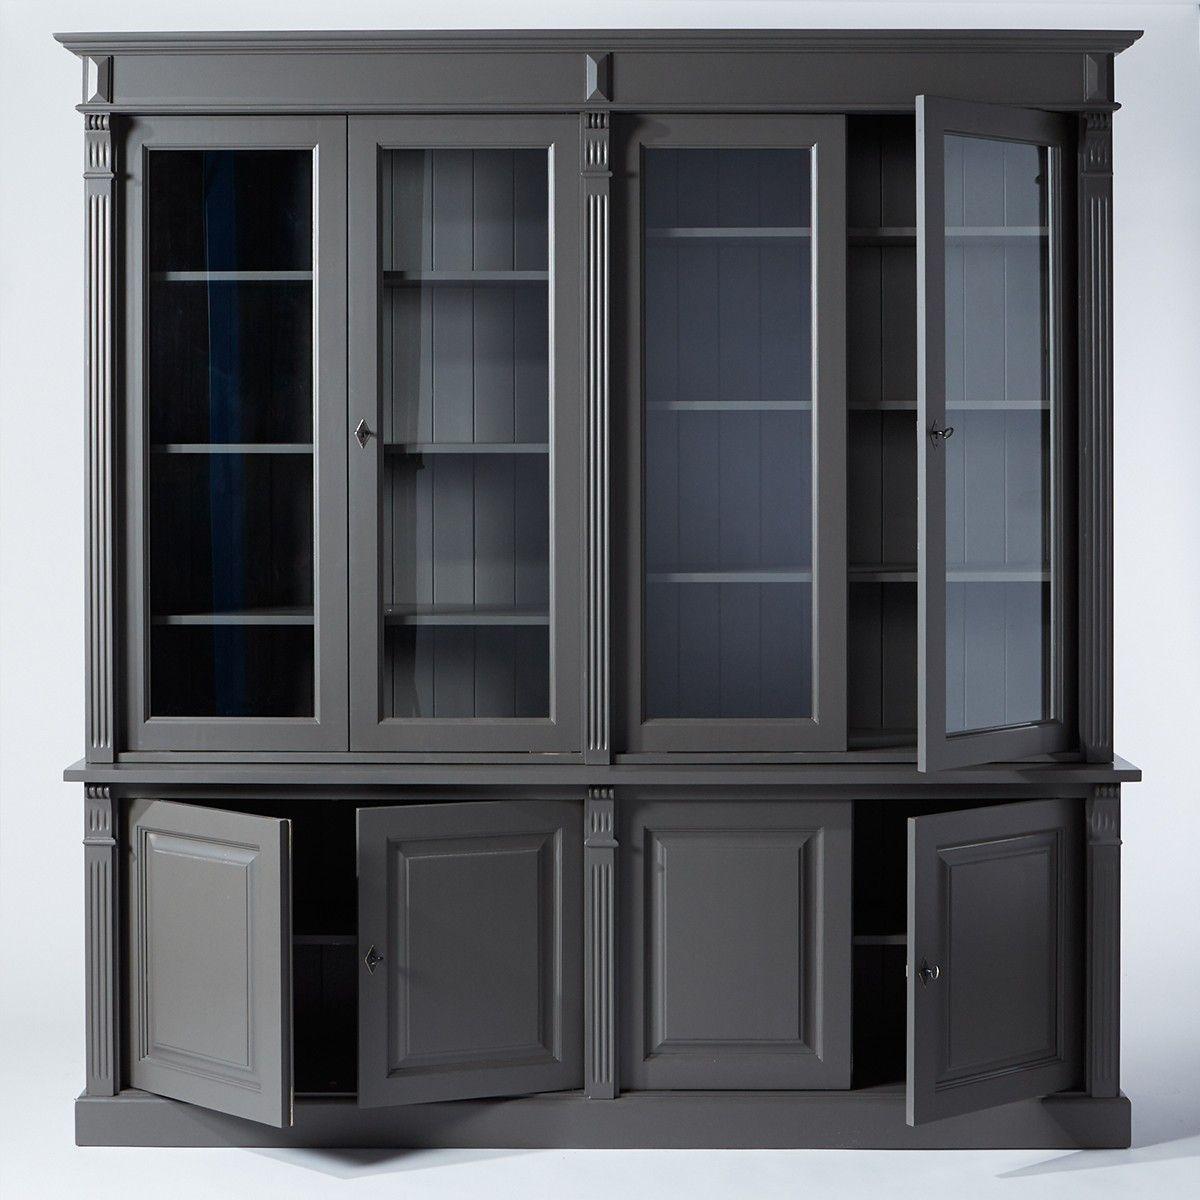 grand buffet vaisselier gris fonce avec 4 portes et nombreuses etageres style intemporel convient a tous les interieurs